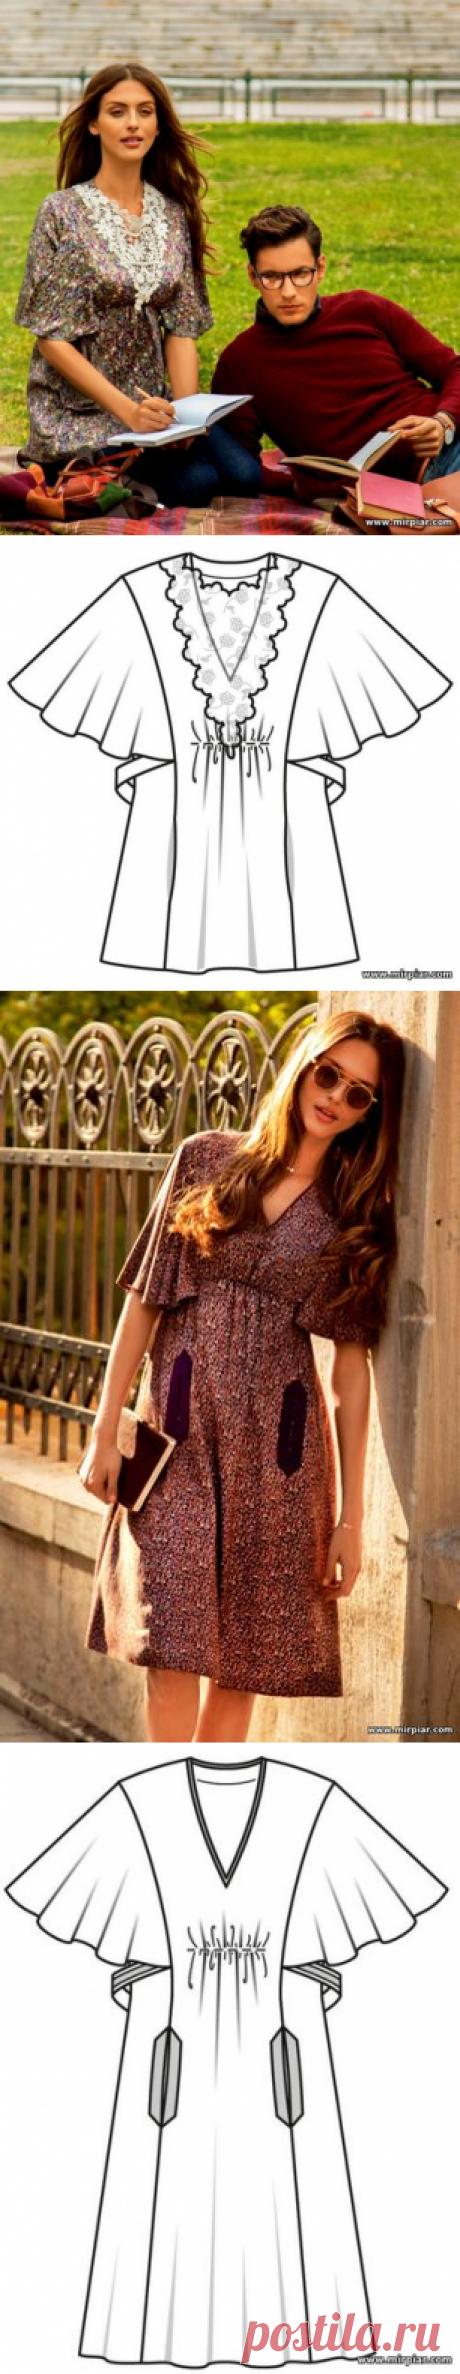 """""""MirPiar.com"""" - Справочно-информационный портал. Донецк - Каталог файлов.Туника и платье в стиле ампир с рукавами-крылышками макси. Готовые выкройки бесплатно в натуральную величину в шести размерах"""